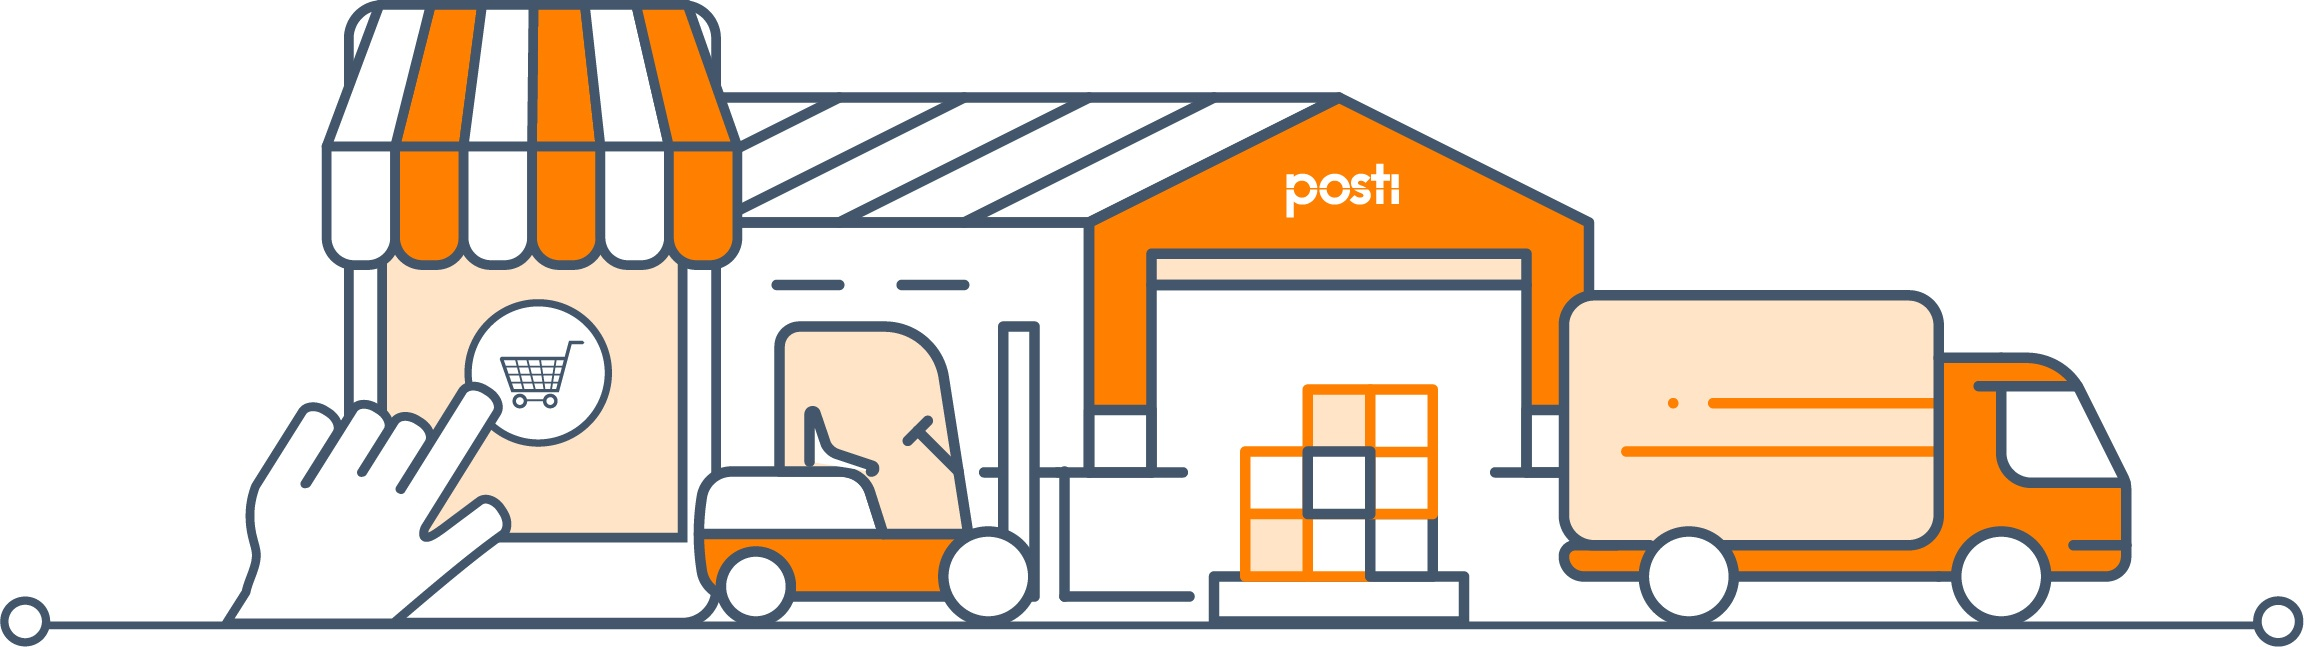 Posti-kuinka-ulkoistaa-verkkokaupan-varasto-ohje